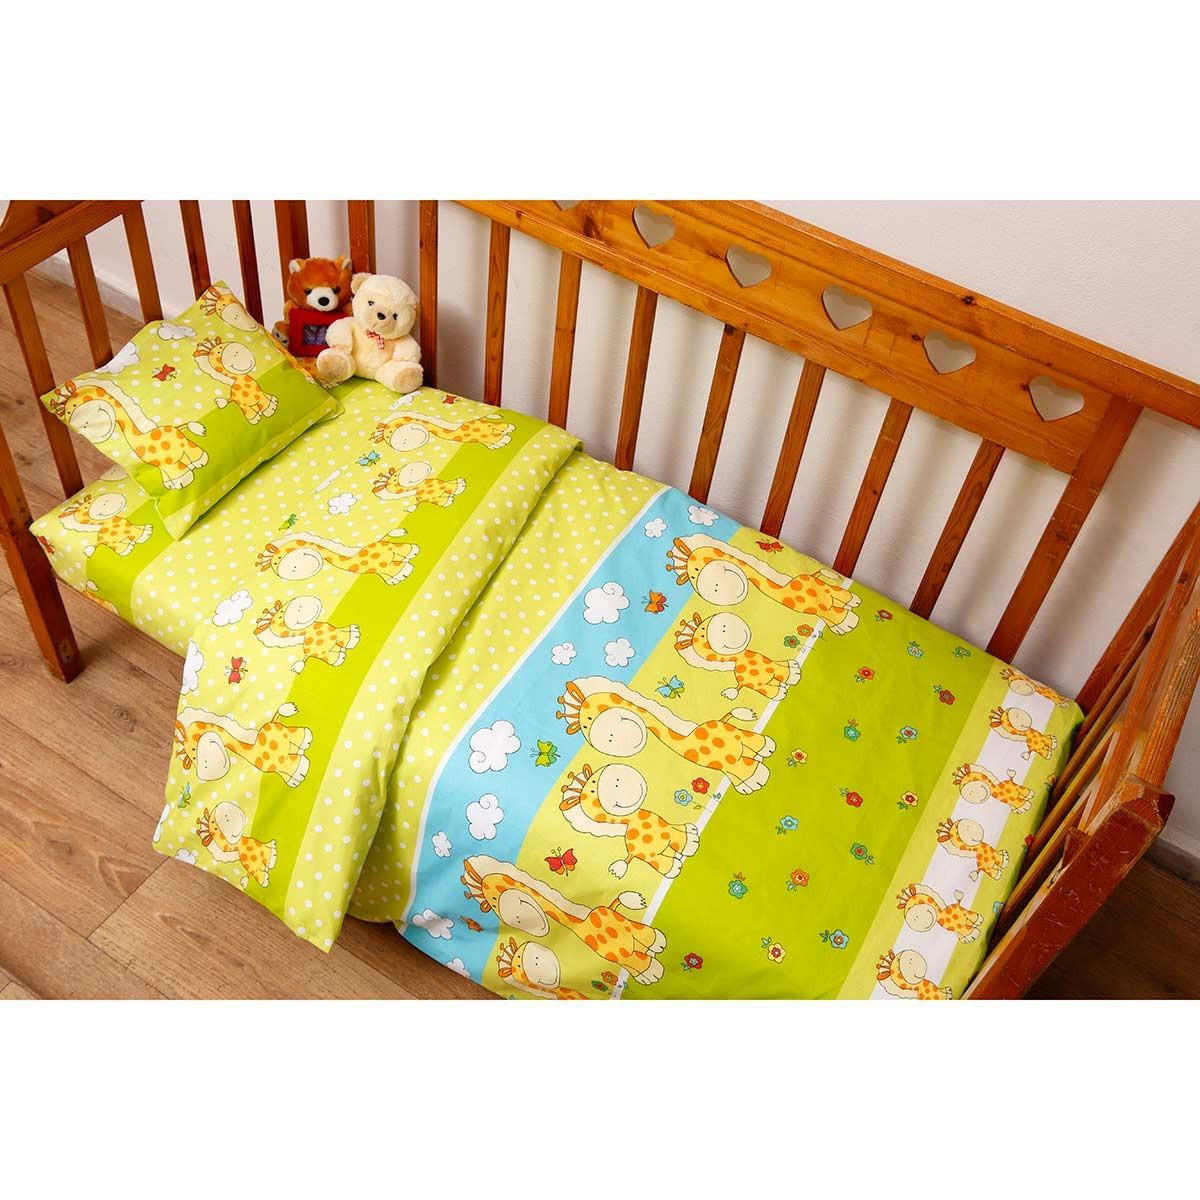 Παπλωματοθήκη Κούνιας (Σετ) Viopros Baby Cotton Ραφαέλ